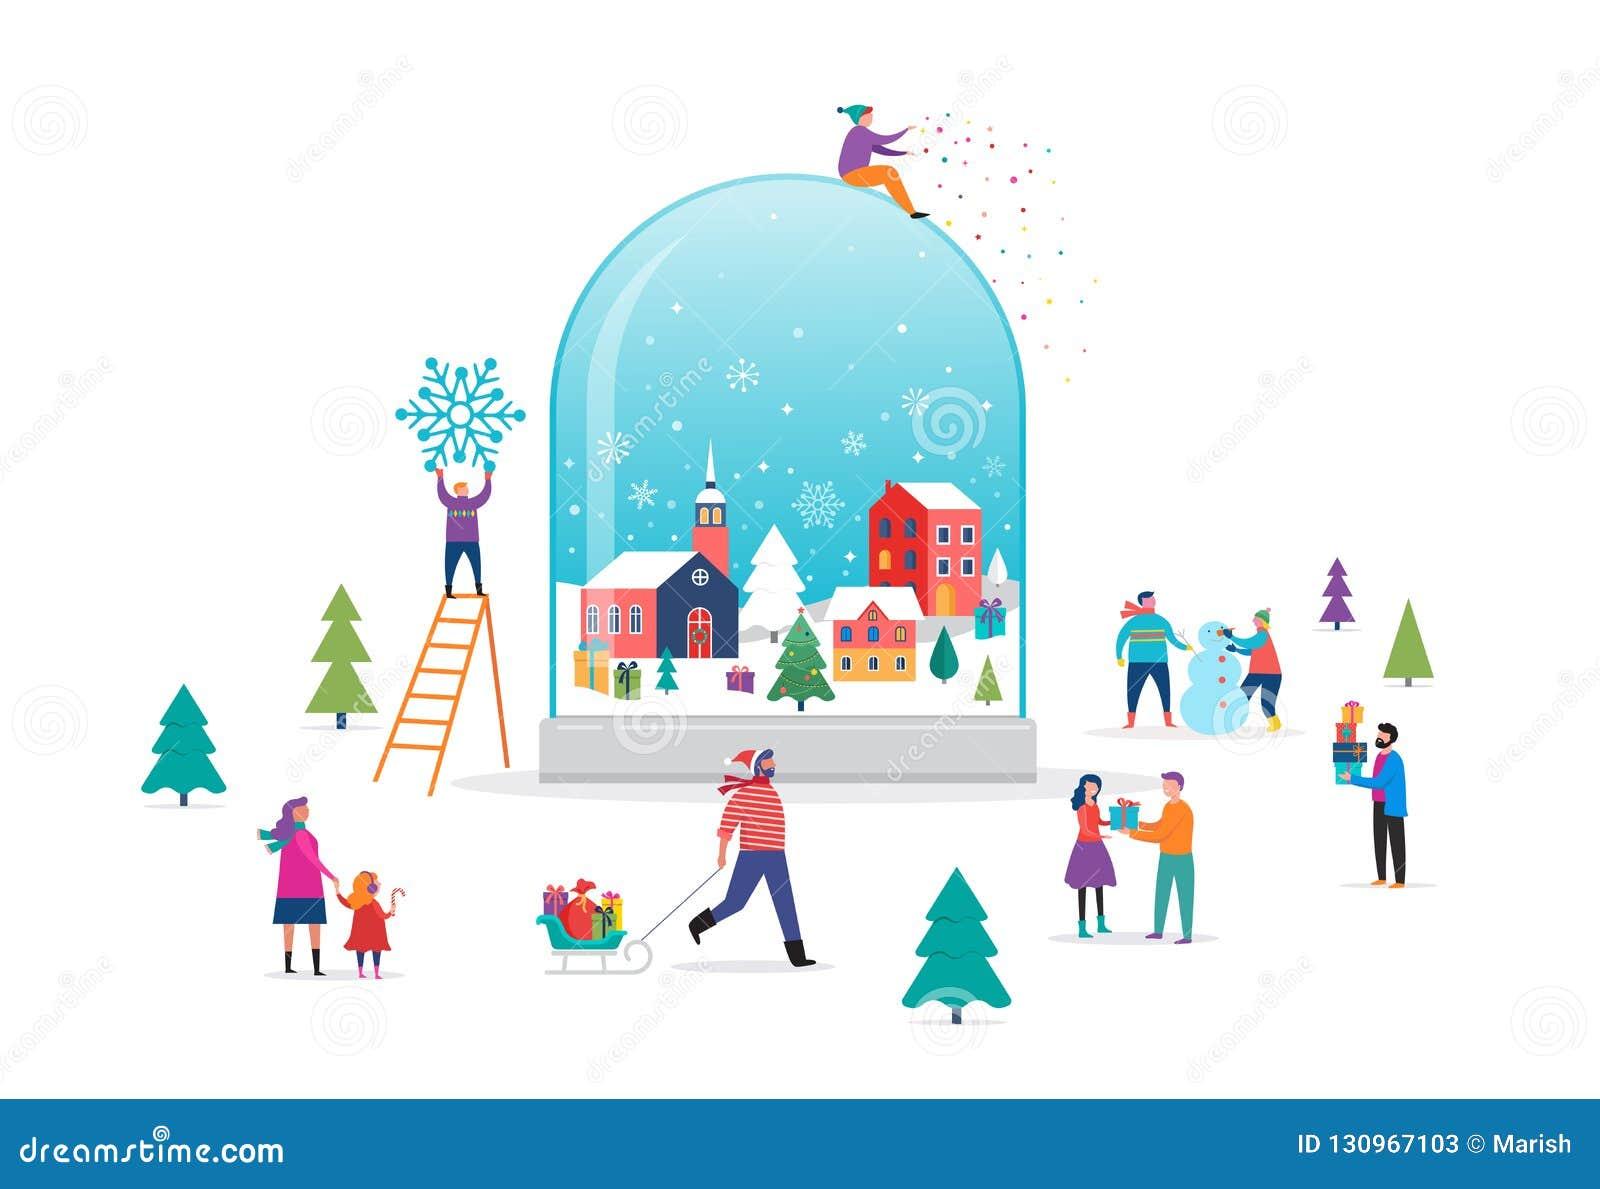 Underlandplats för glad jul, vinteri ett snöjordklot med litet folk, unga män och kvinnor, familjer som har gyckel in